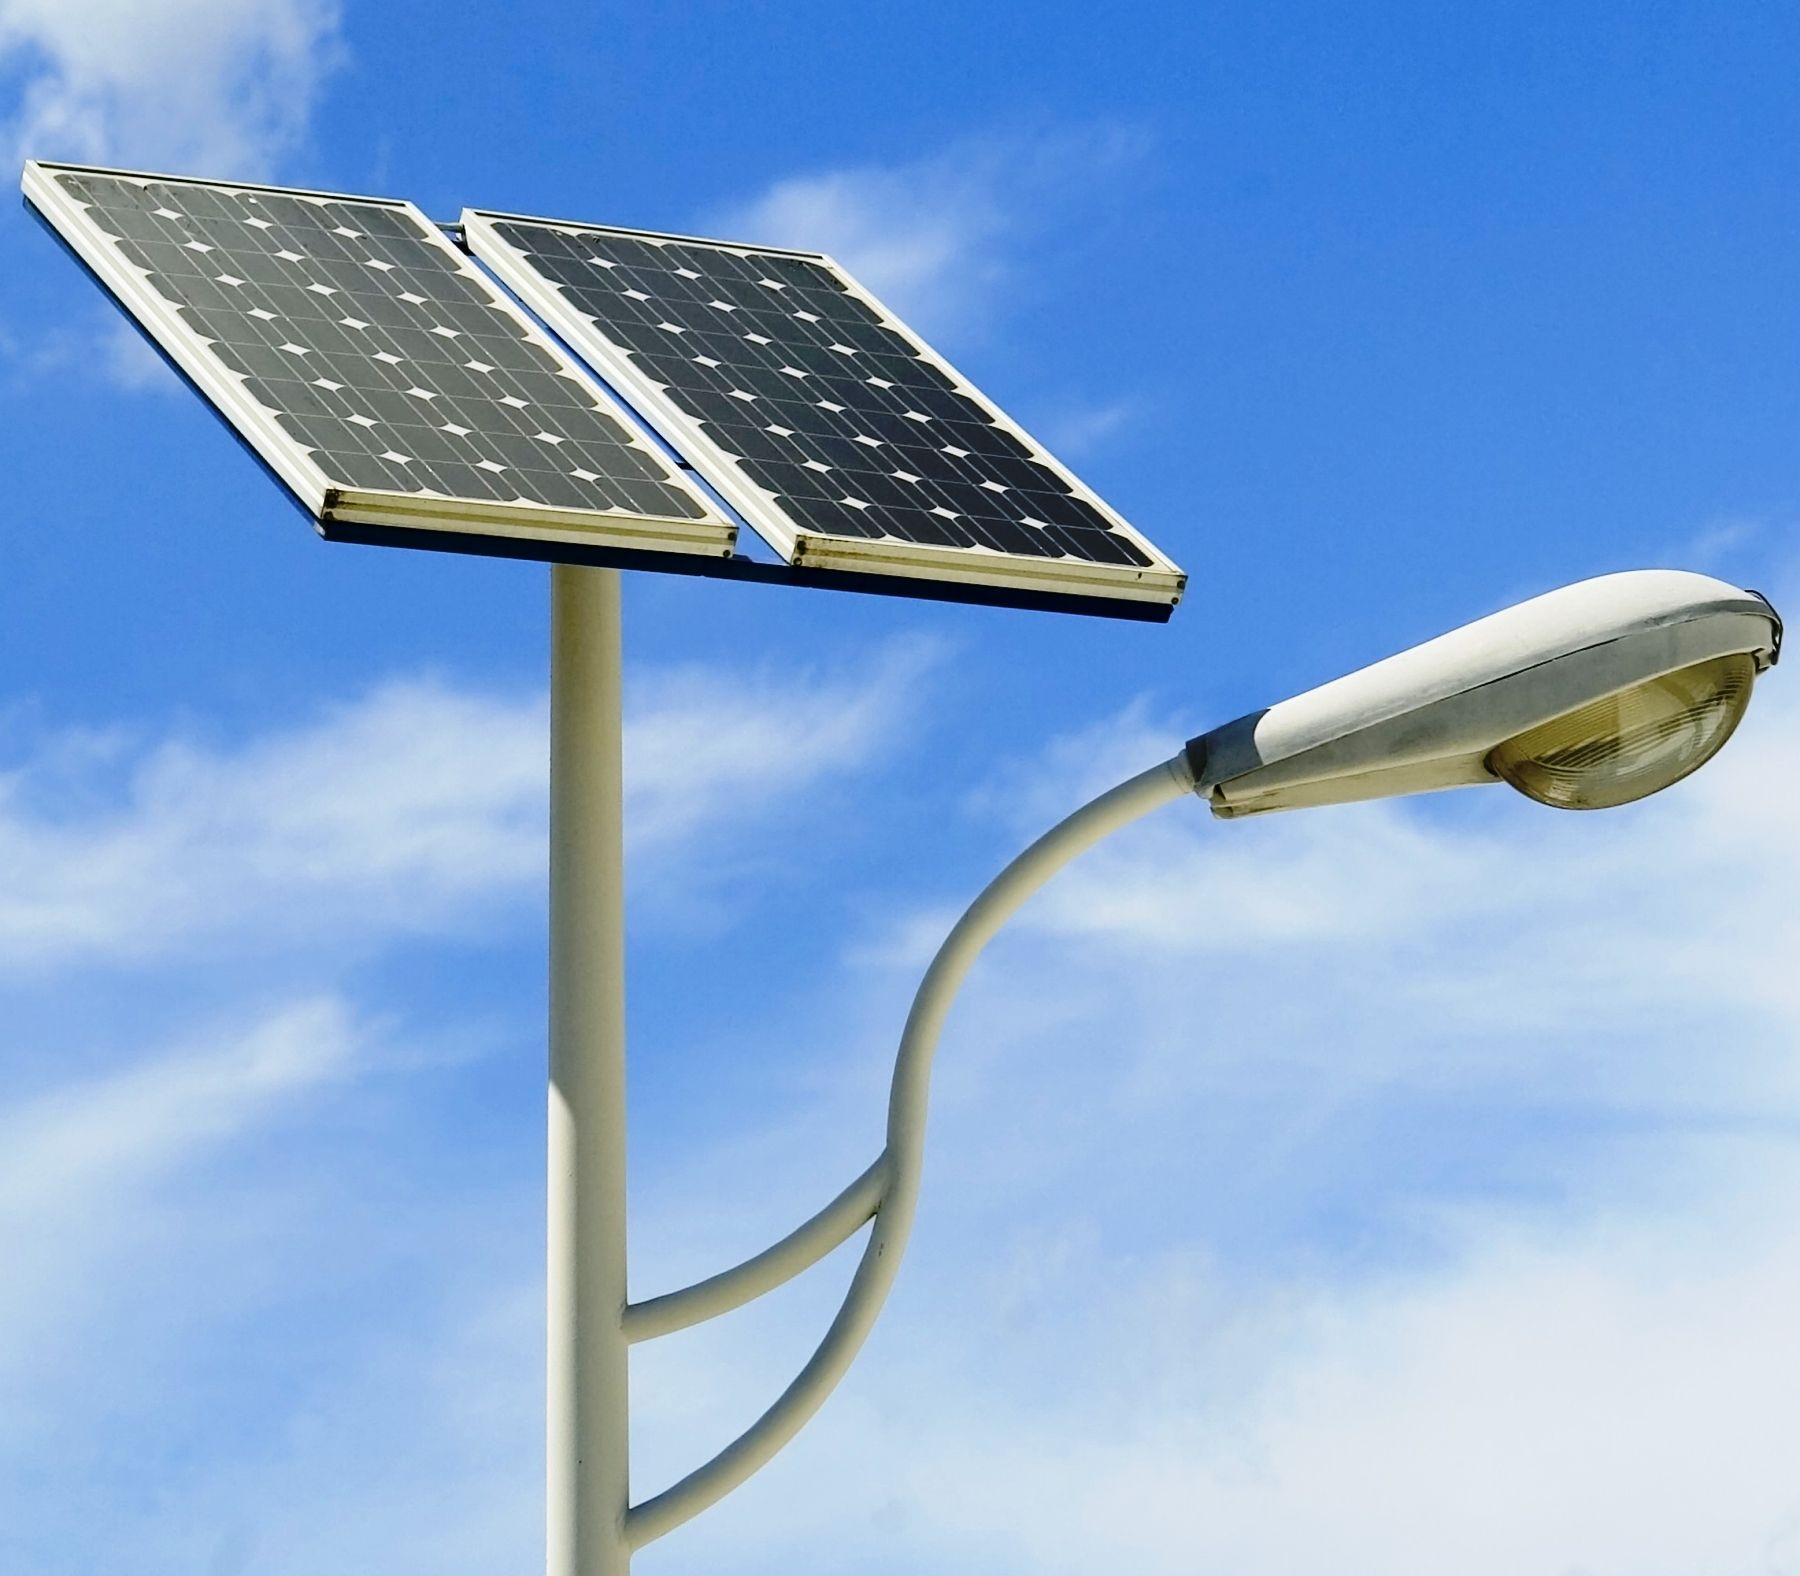 Simple Solar Panel Hacks For A Post Shtf World Buy Solar Panels Solar Street Light Solar Led Lights